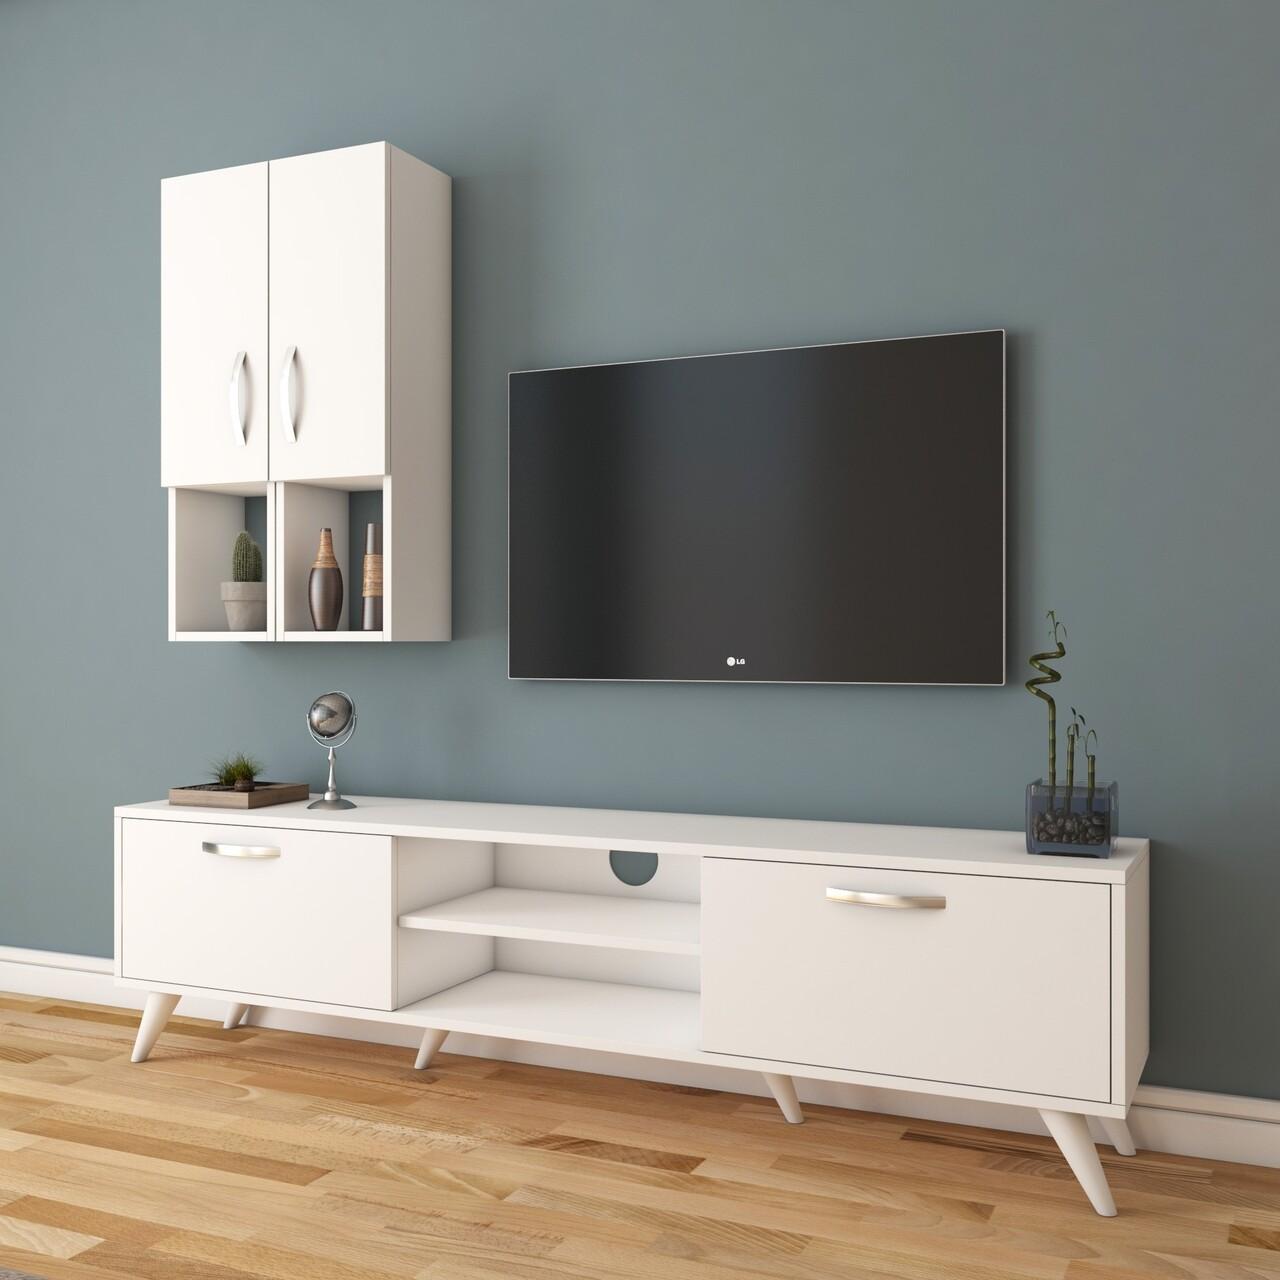 Comoda TV cu 2 cabinete M39 - 306, Wren, 180 x 35 x 48.6 cm/90 cm, white